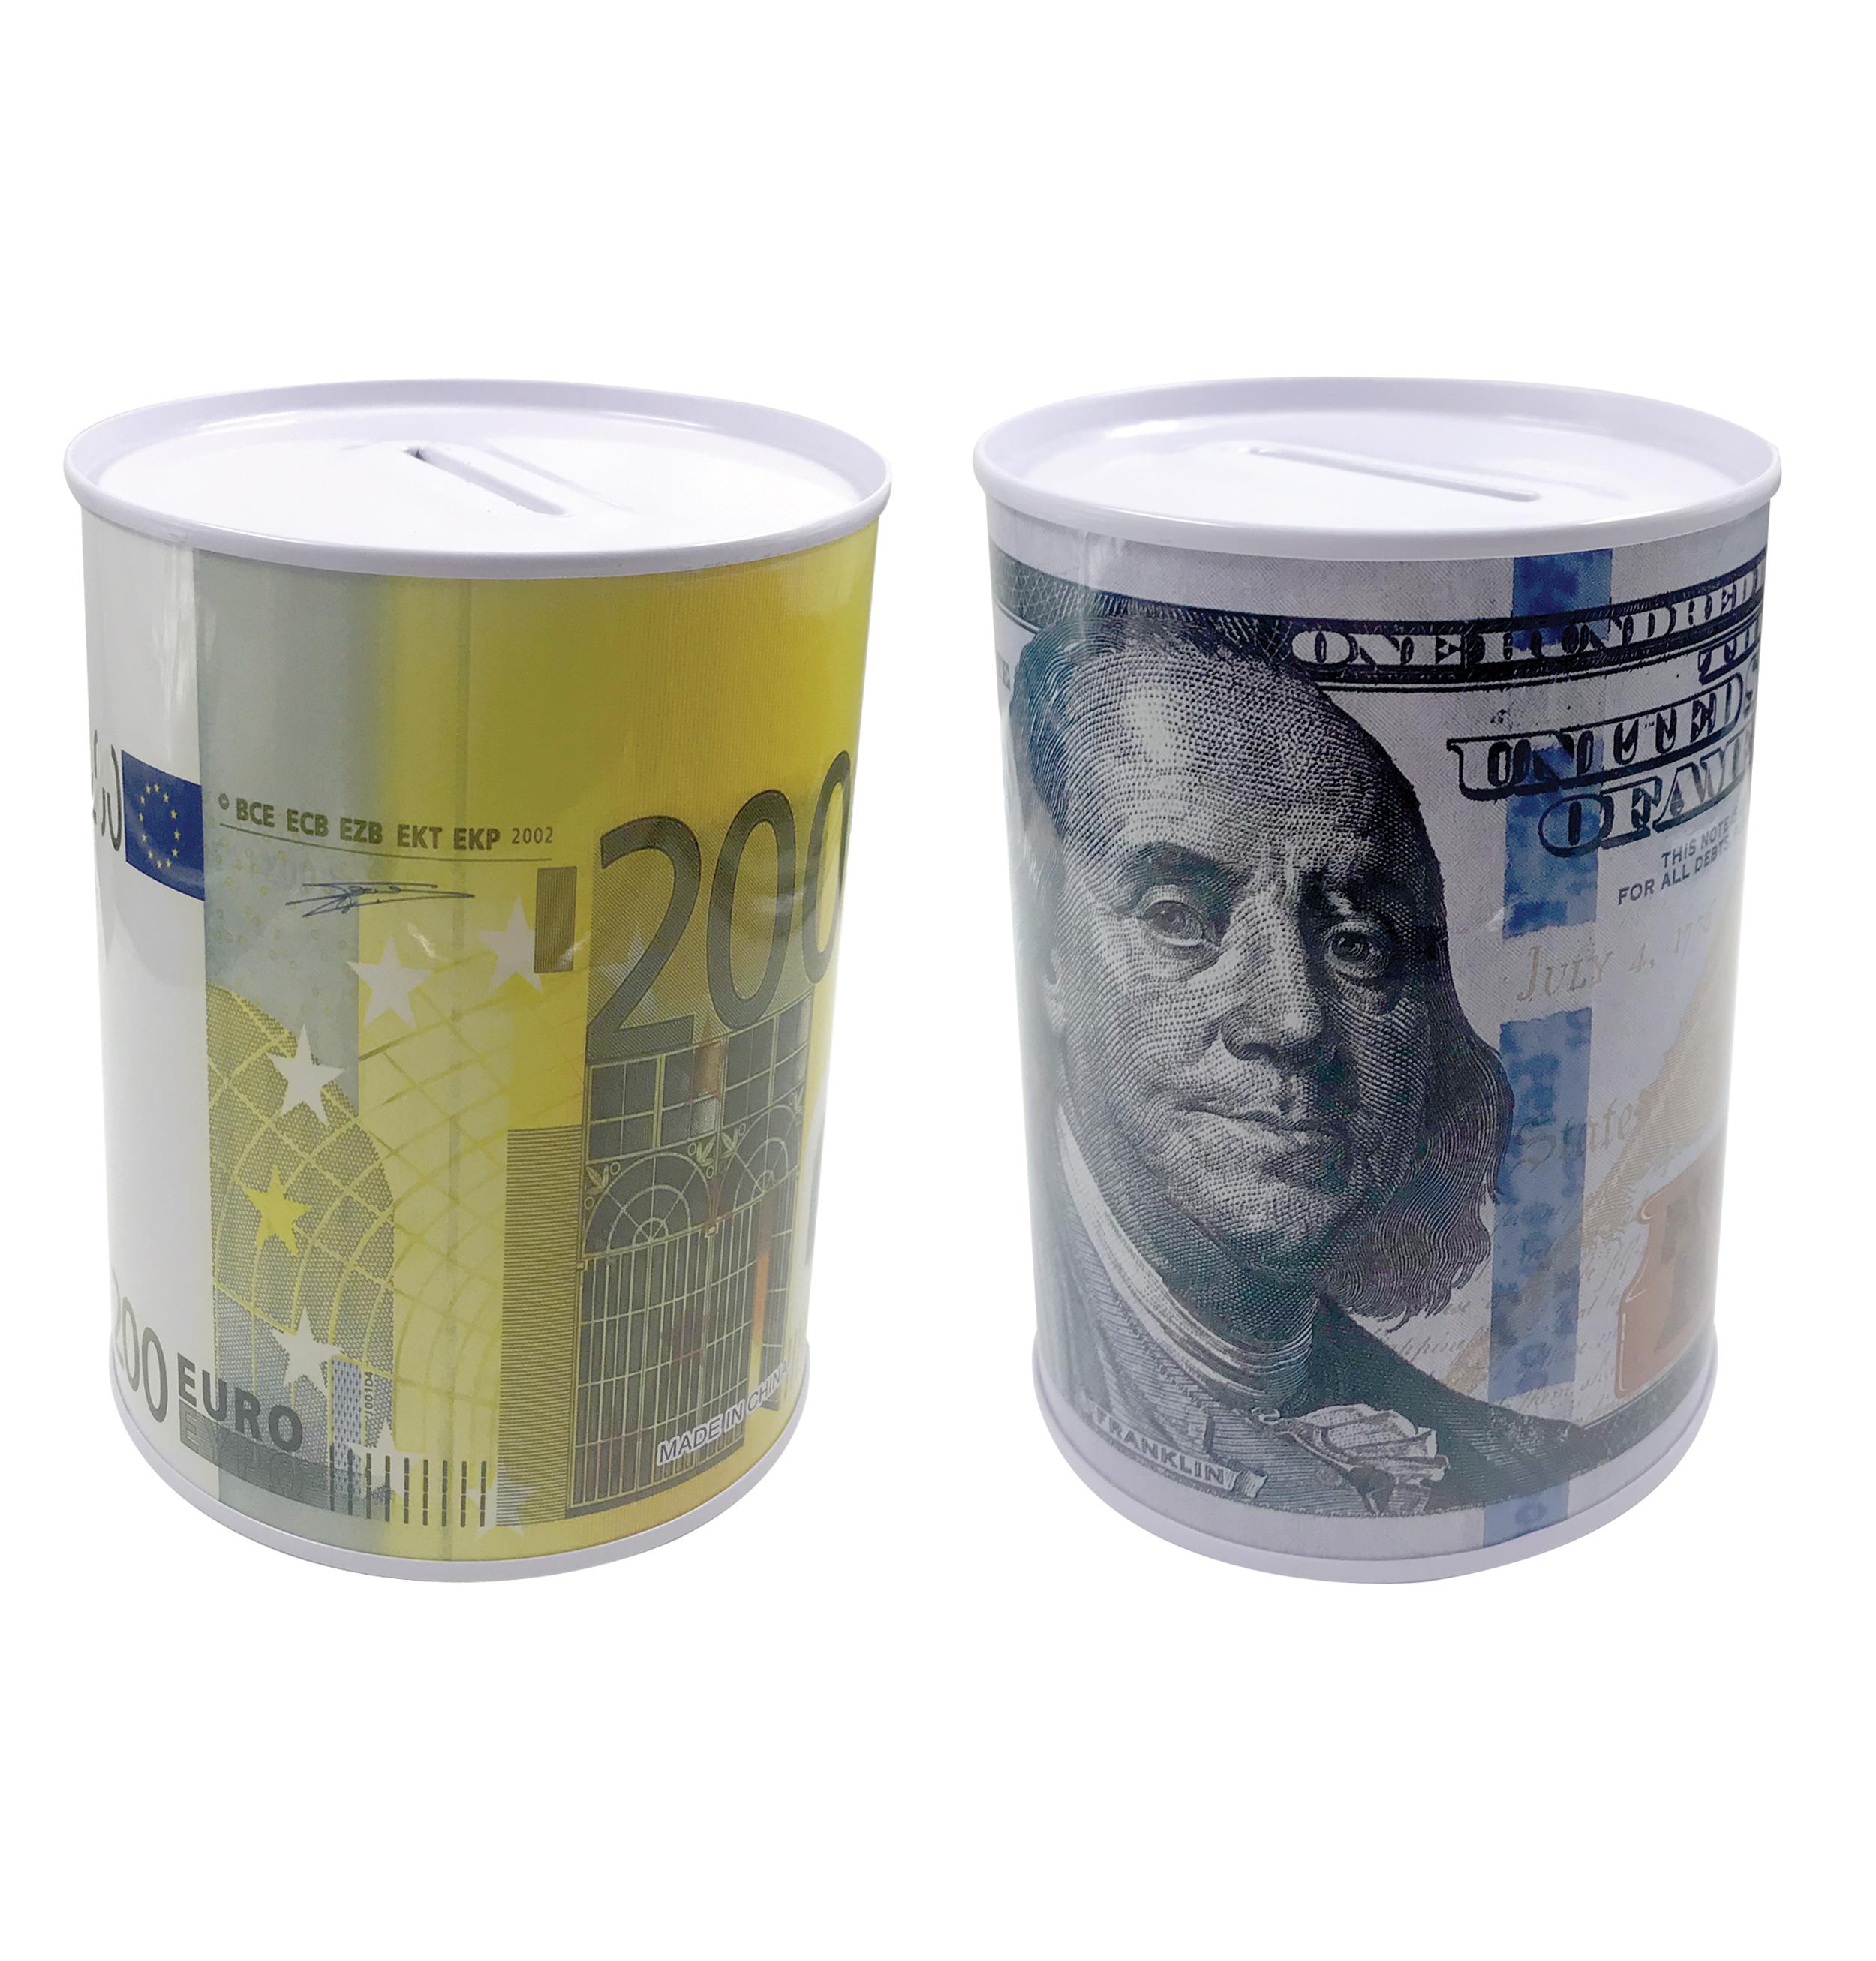 Κουμπαράς μεταλλικός με παραστάσεις ευρώ- δολάριο